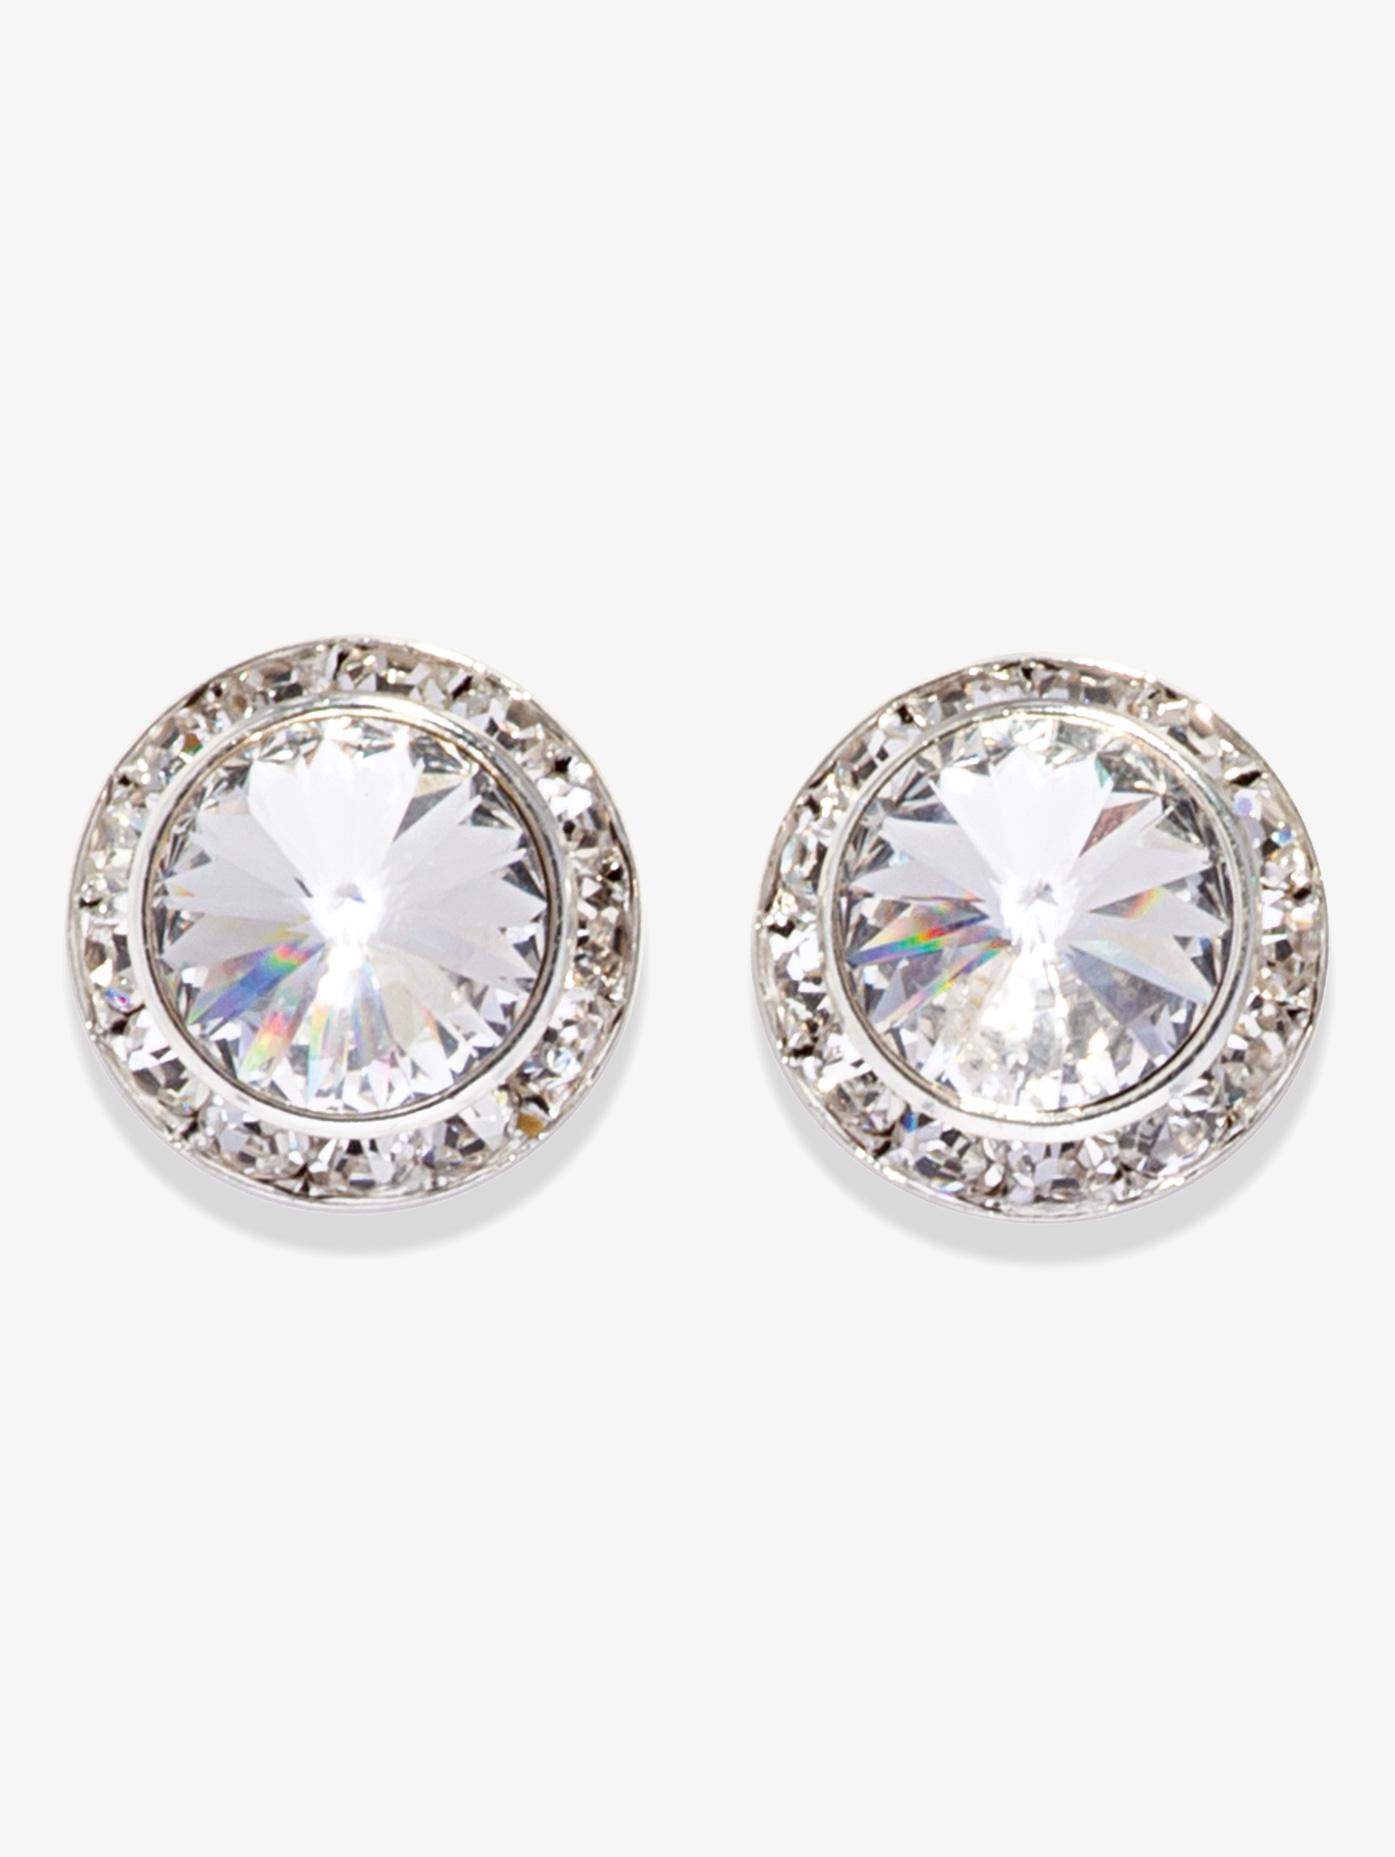 20mm Pierced Swarovski Crystal Earrings Style No 2708 Loading Zoom